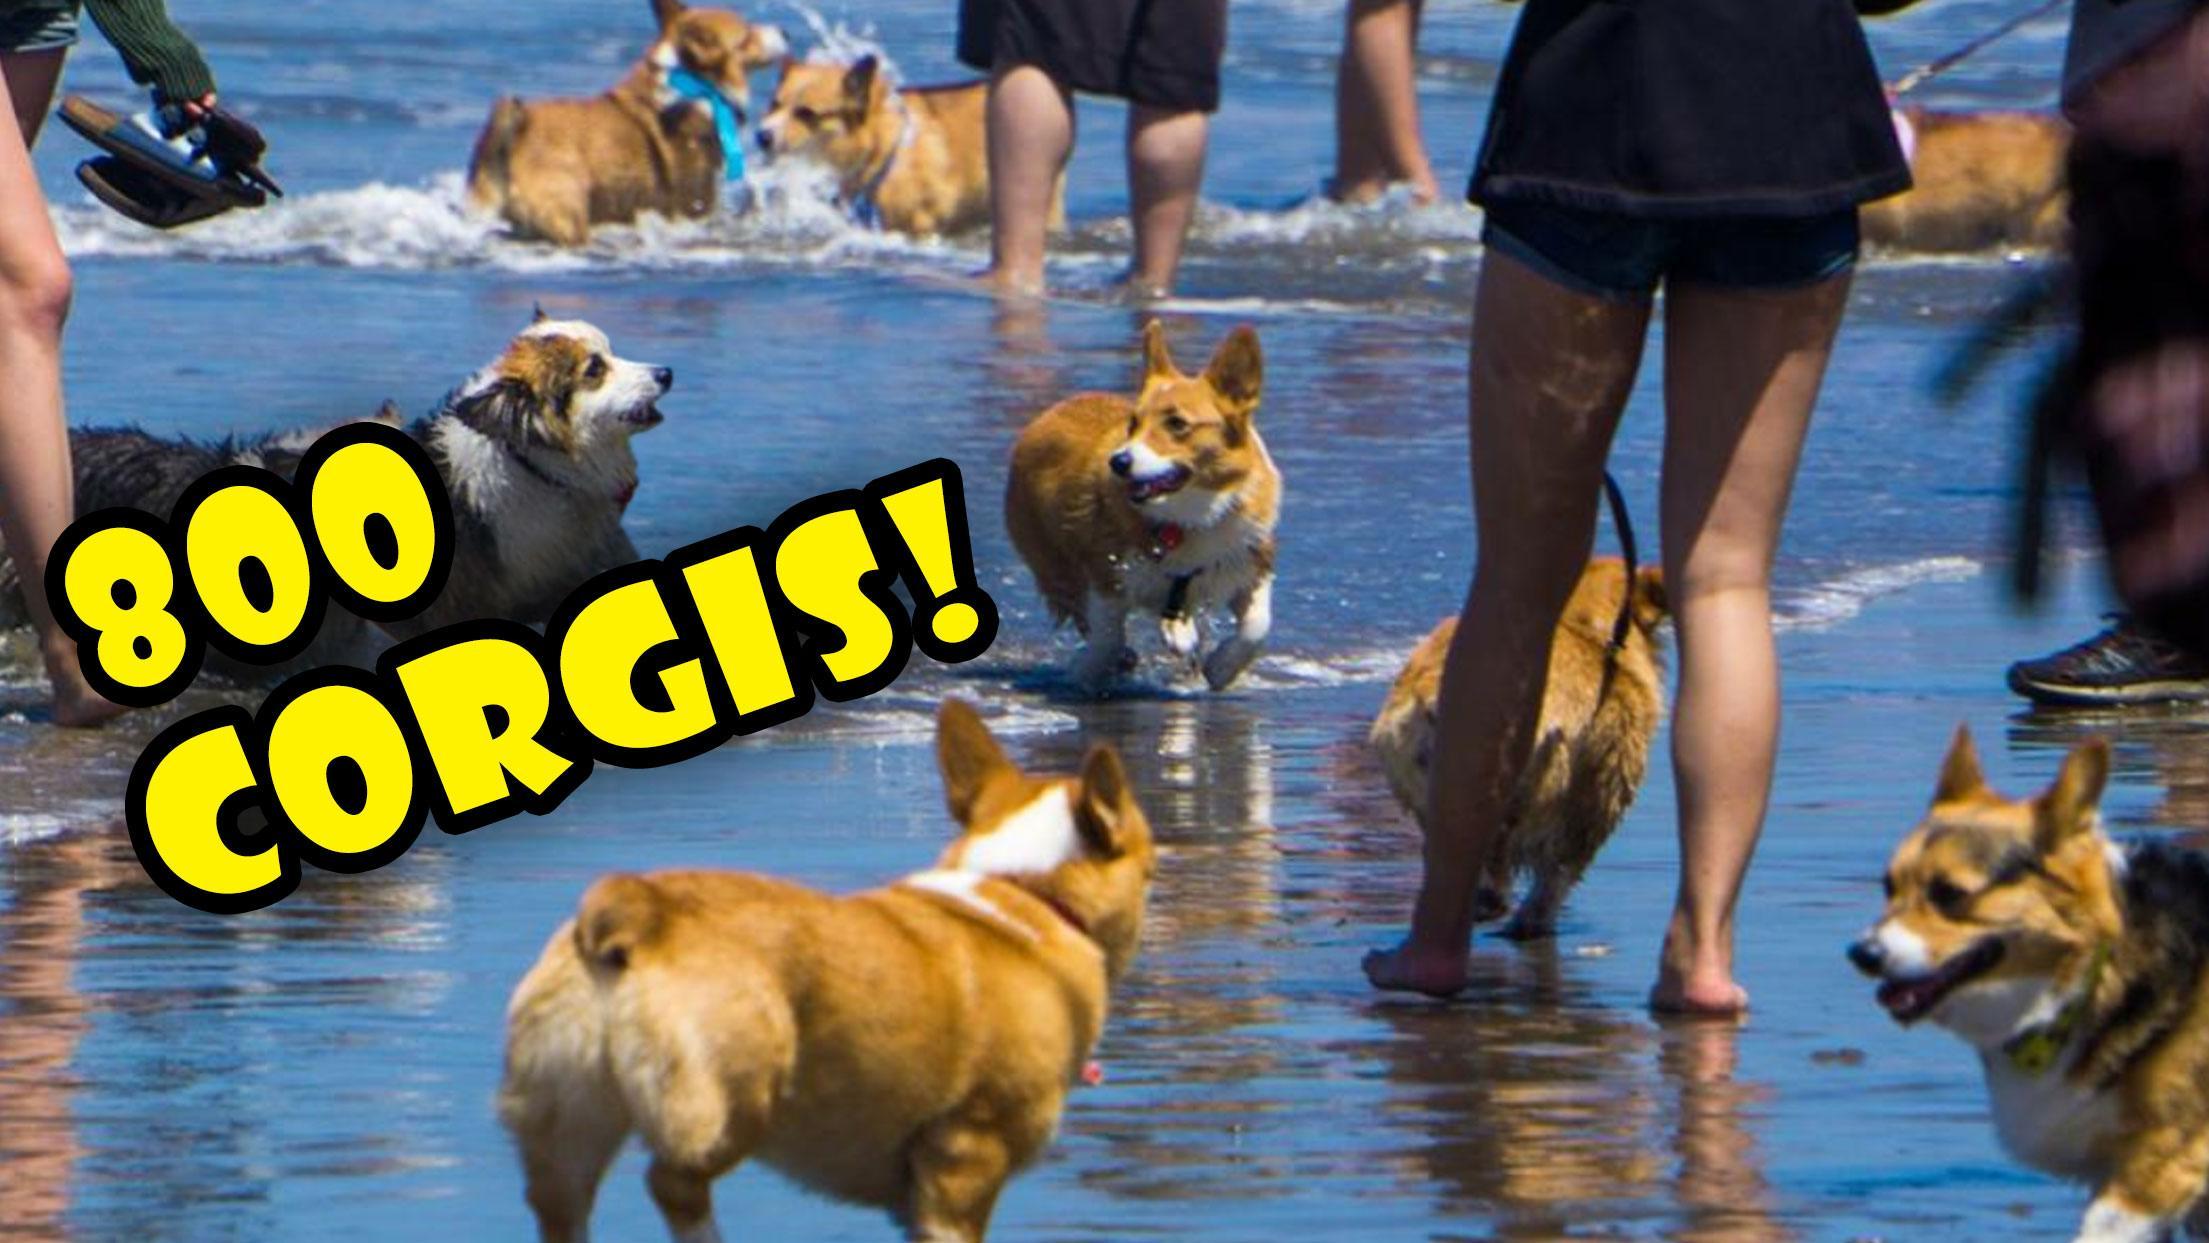 800 CORGIS ON A BEACH || FULL DAY @ CORGI CON